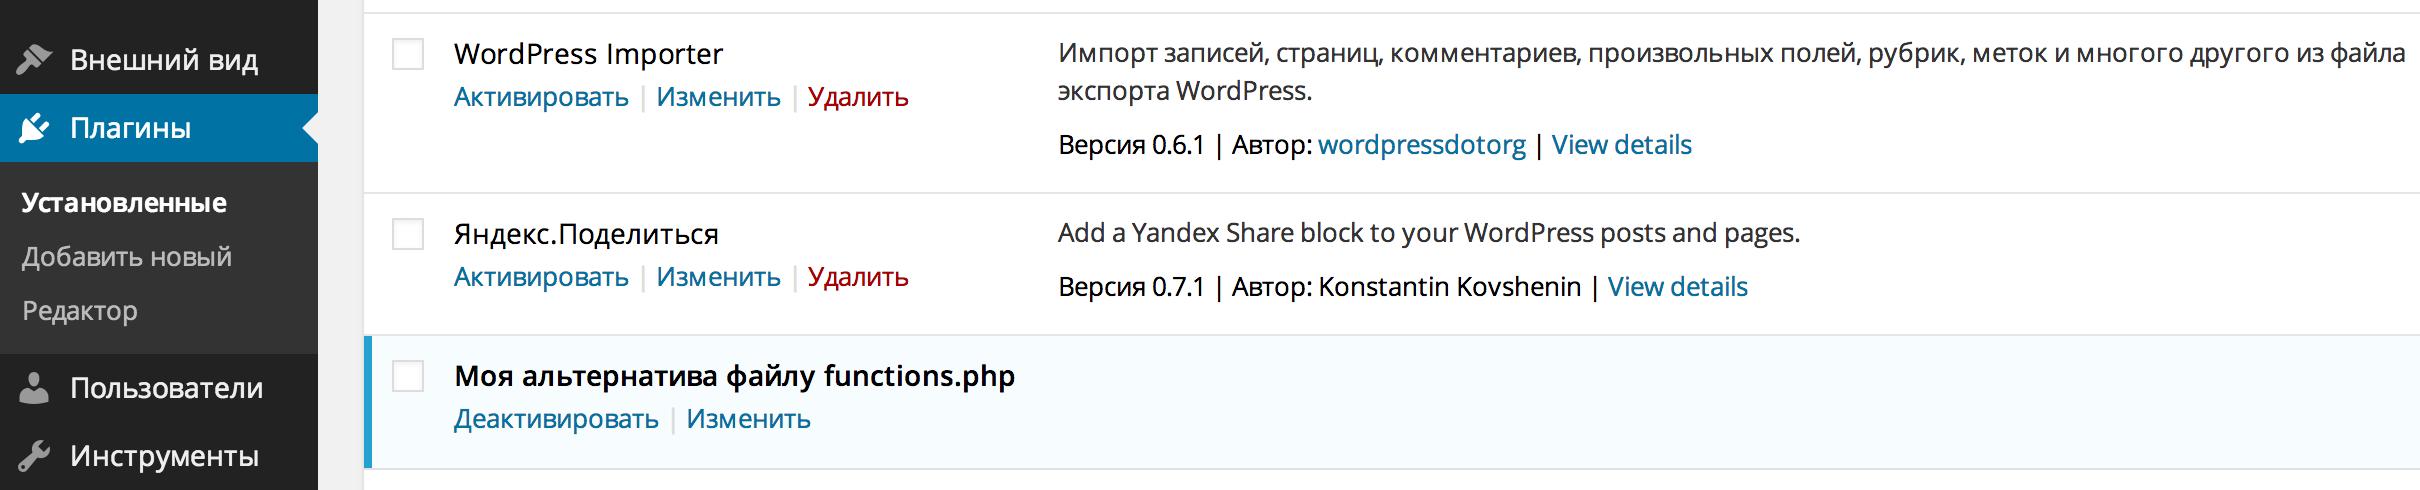 Собственный плагин для WordPress